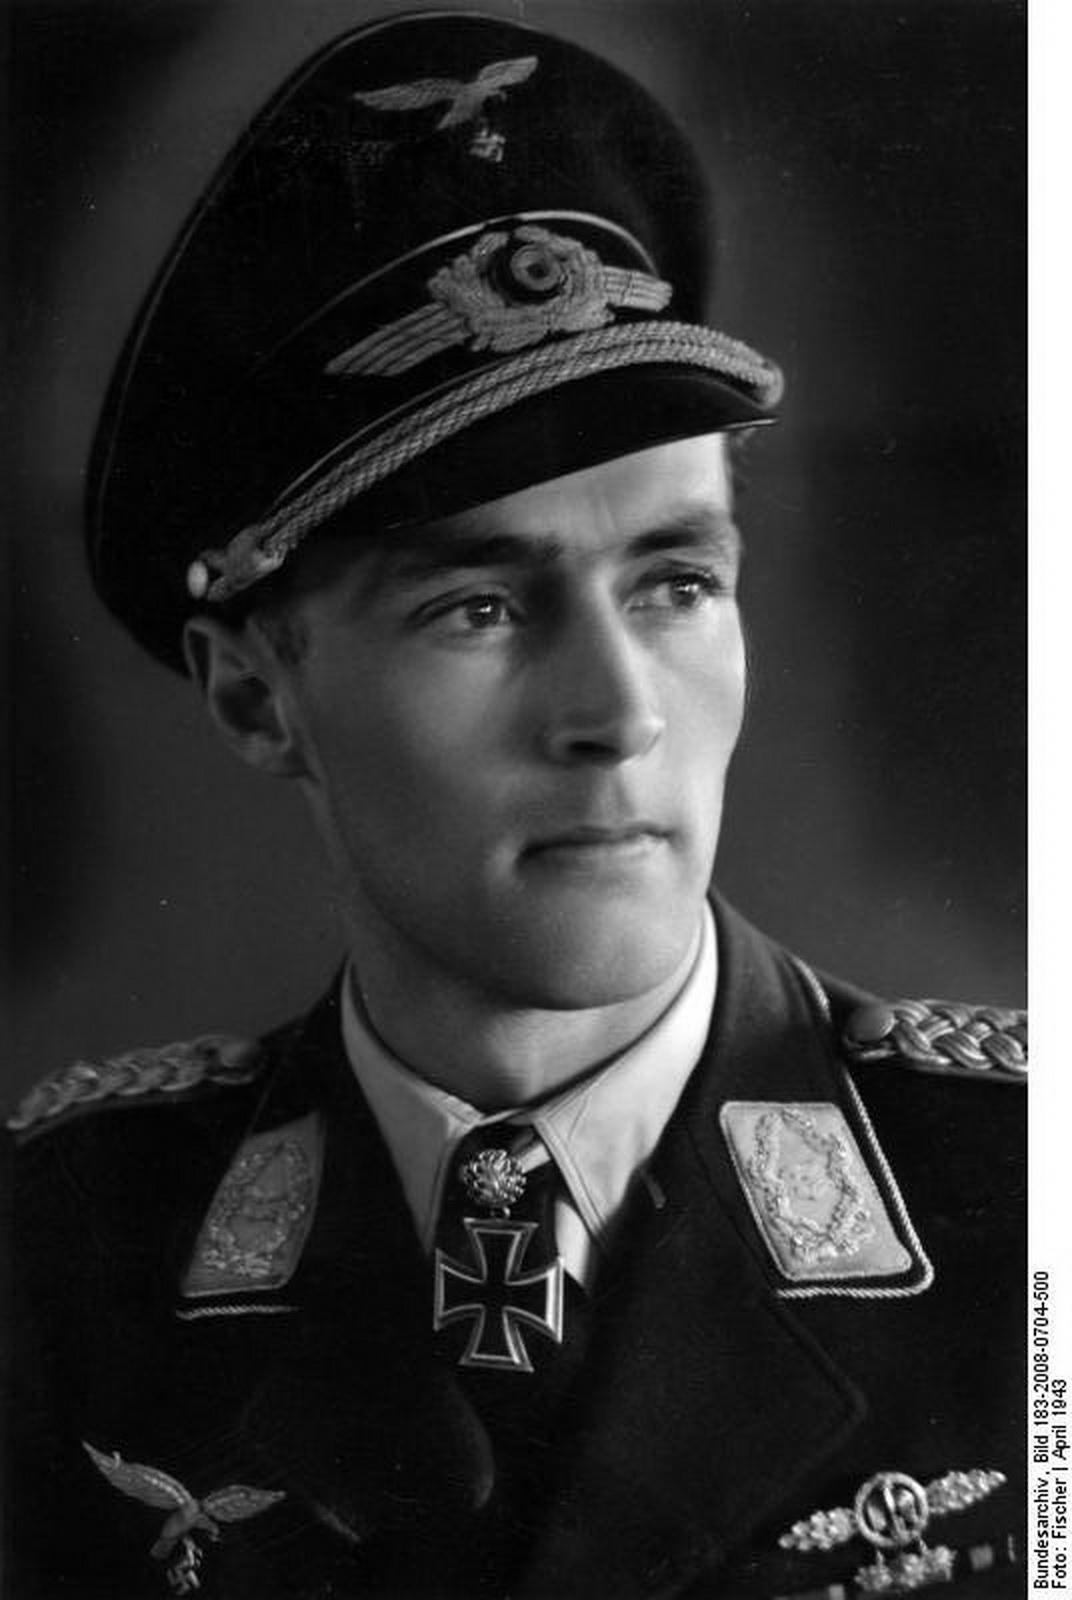 world war ii pictures in details oberstleutnant karl. Black Bedroom Furniture Sets. Home Design Ideas